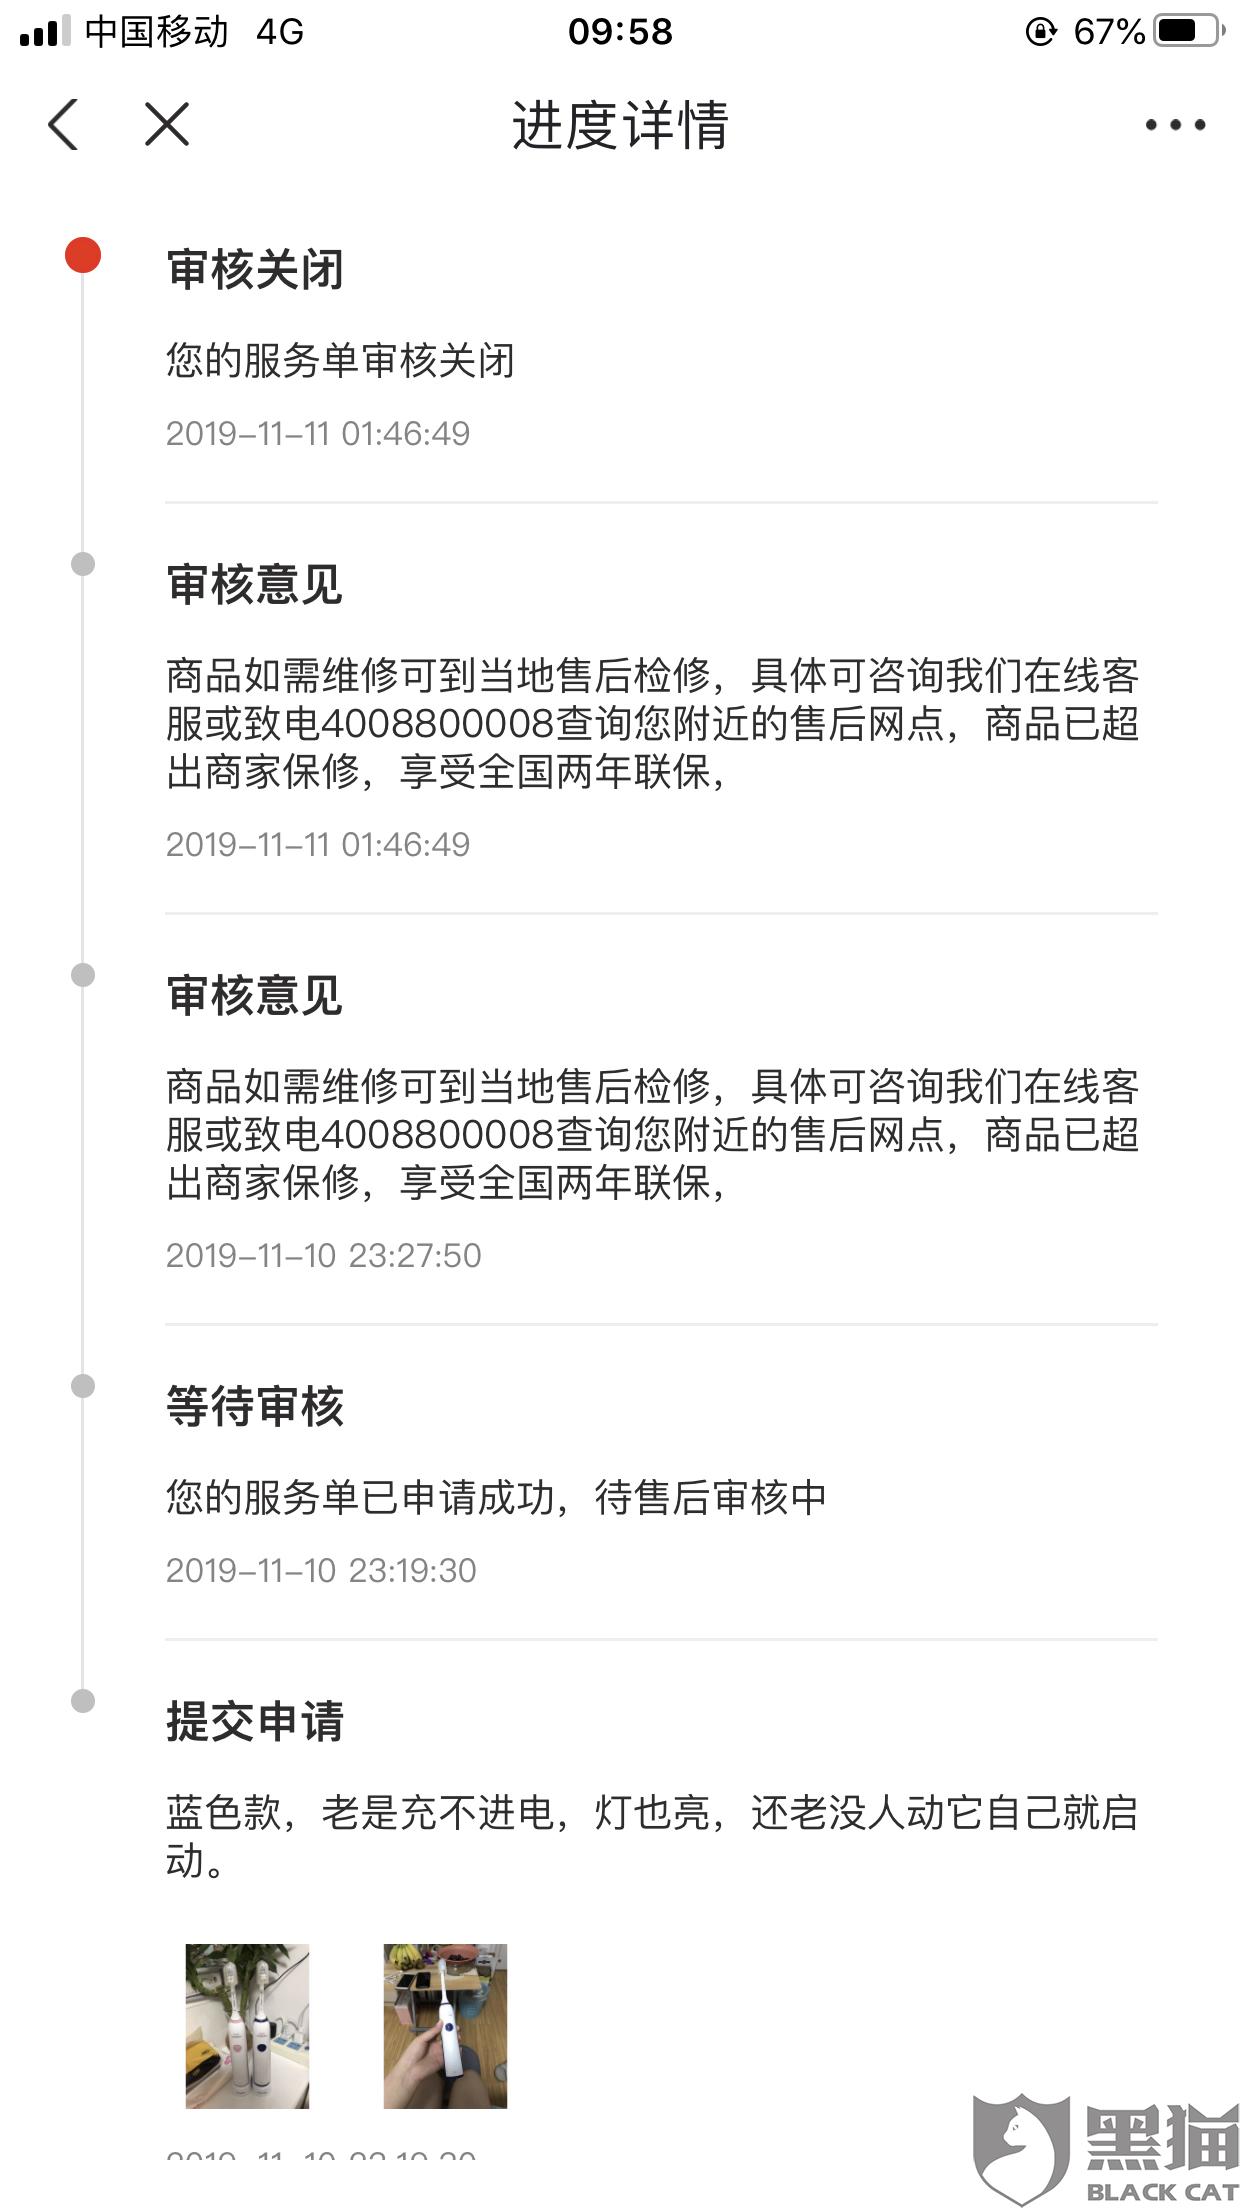 黑猫投诉:京东商城飞利浦澜盛专卖店电动牙刷三包期内质量问题不予处理